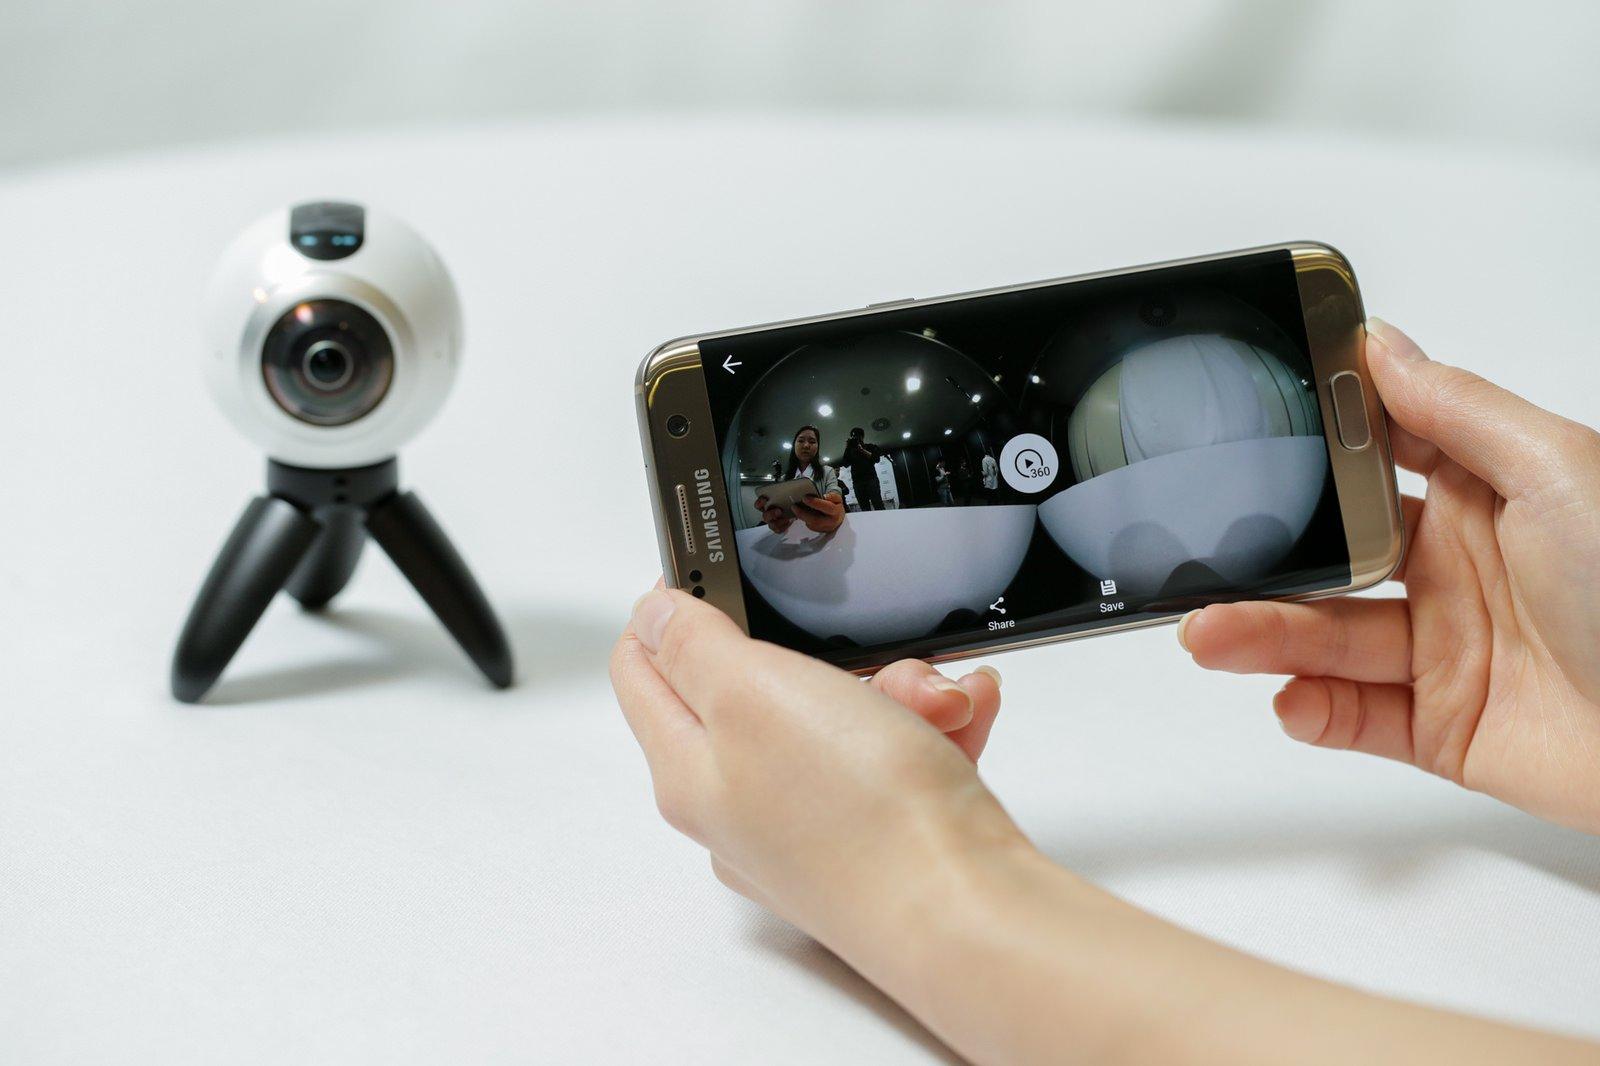 Gesteuert wird die Kamera mit einem Smartphone. Allerdings gibt es derzeit nur eine Android-Version der Software. Die Apple-Version lässt auf sich warten.